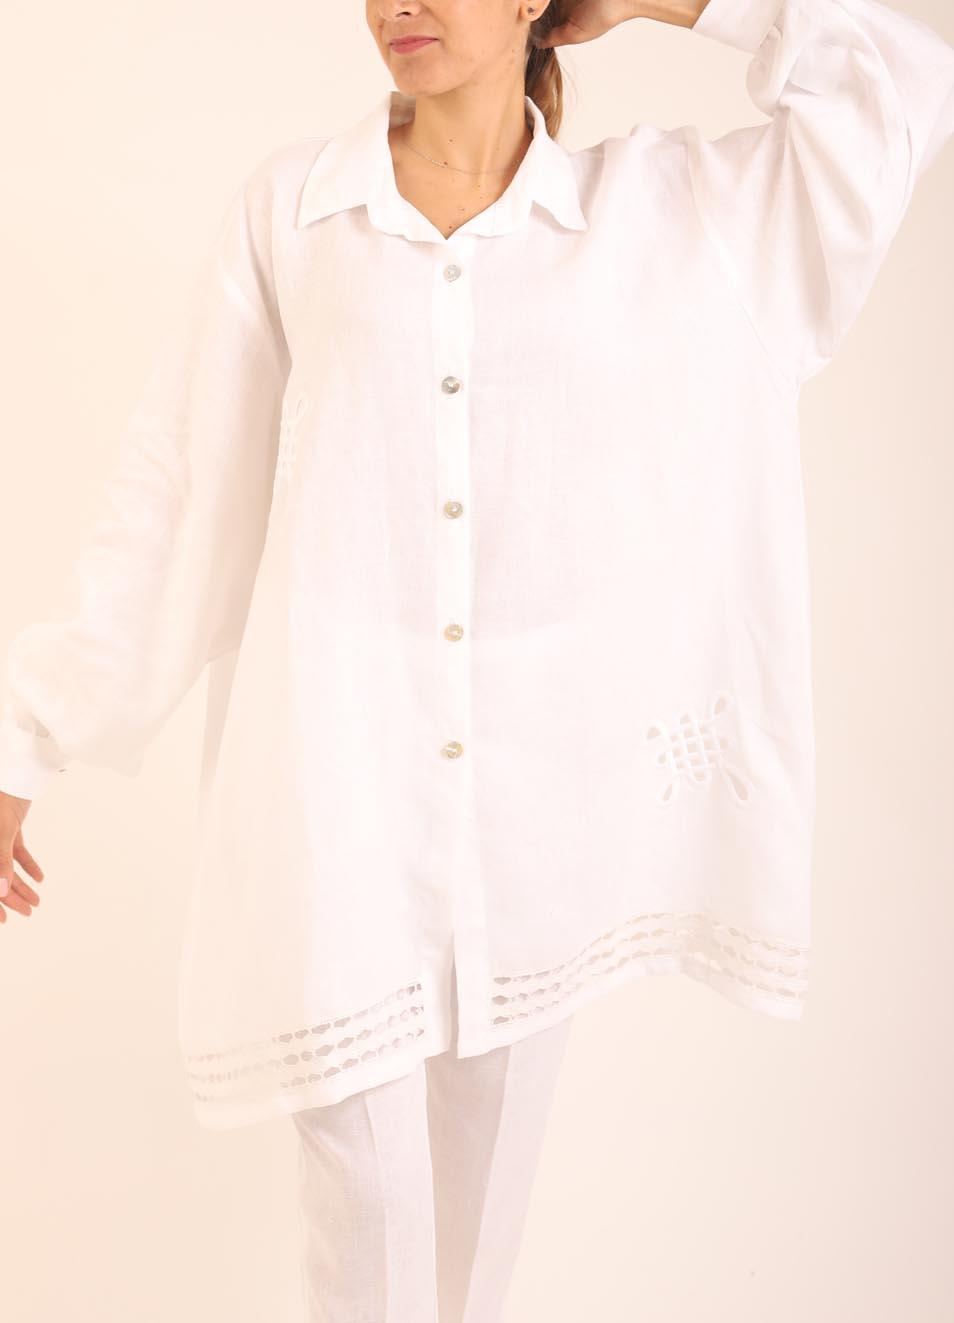 outlet store 573a4 cac1f Camicia ampia in puro lino